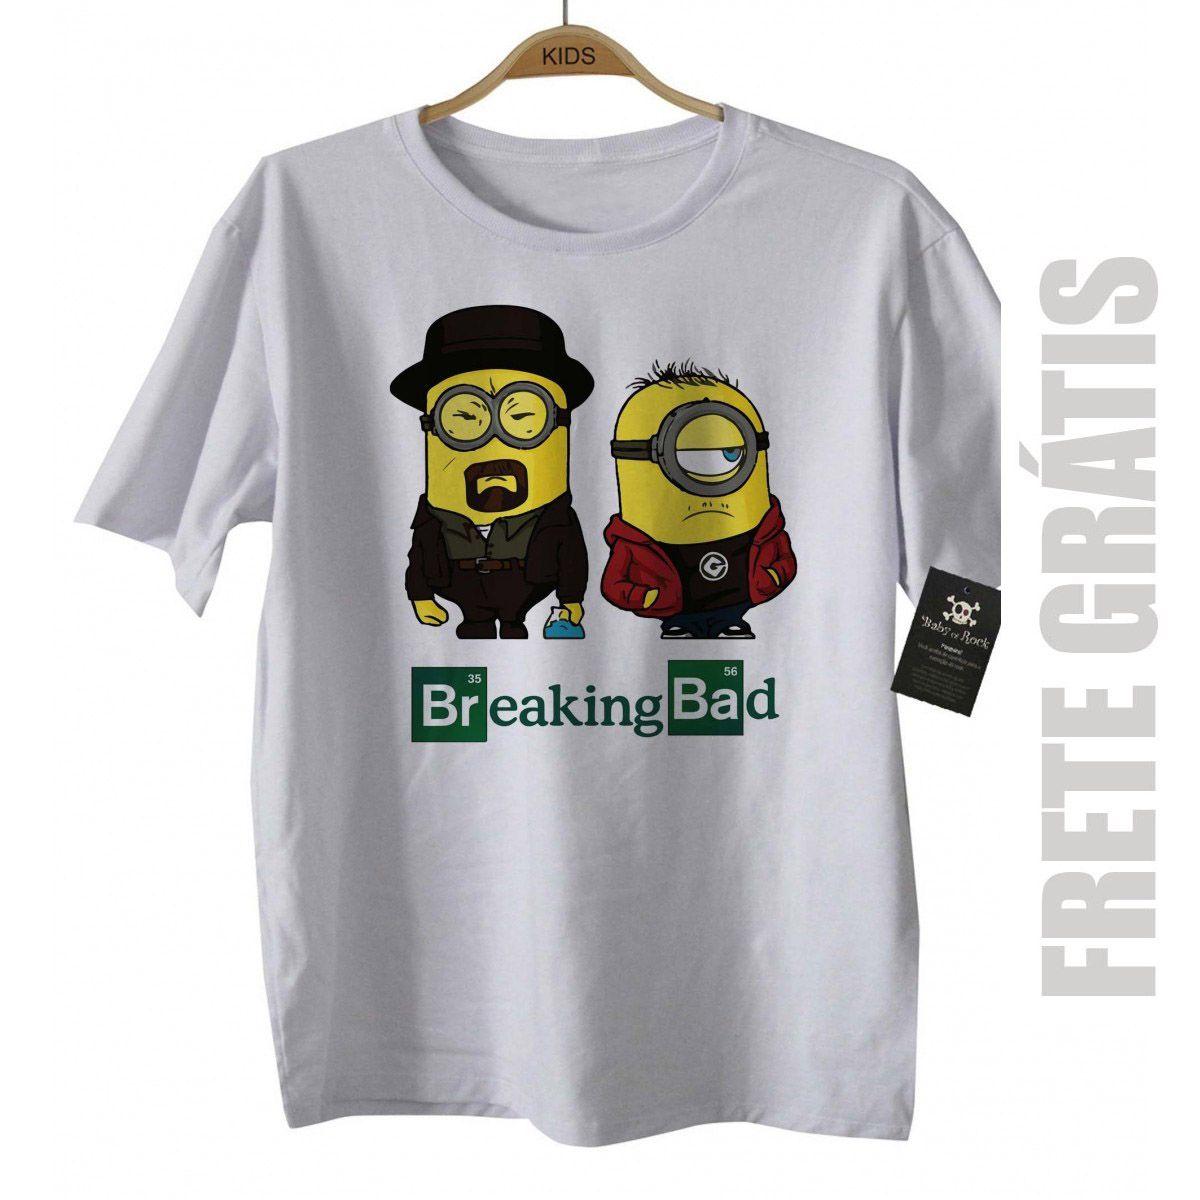 Camiseta de Série Infantil - Breaking Bad - Minions - White  - Baby Monster - Body Bebe